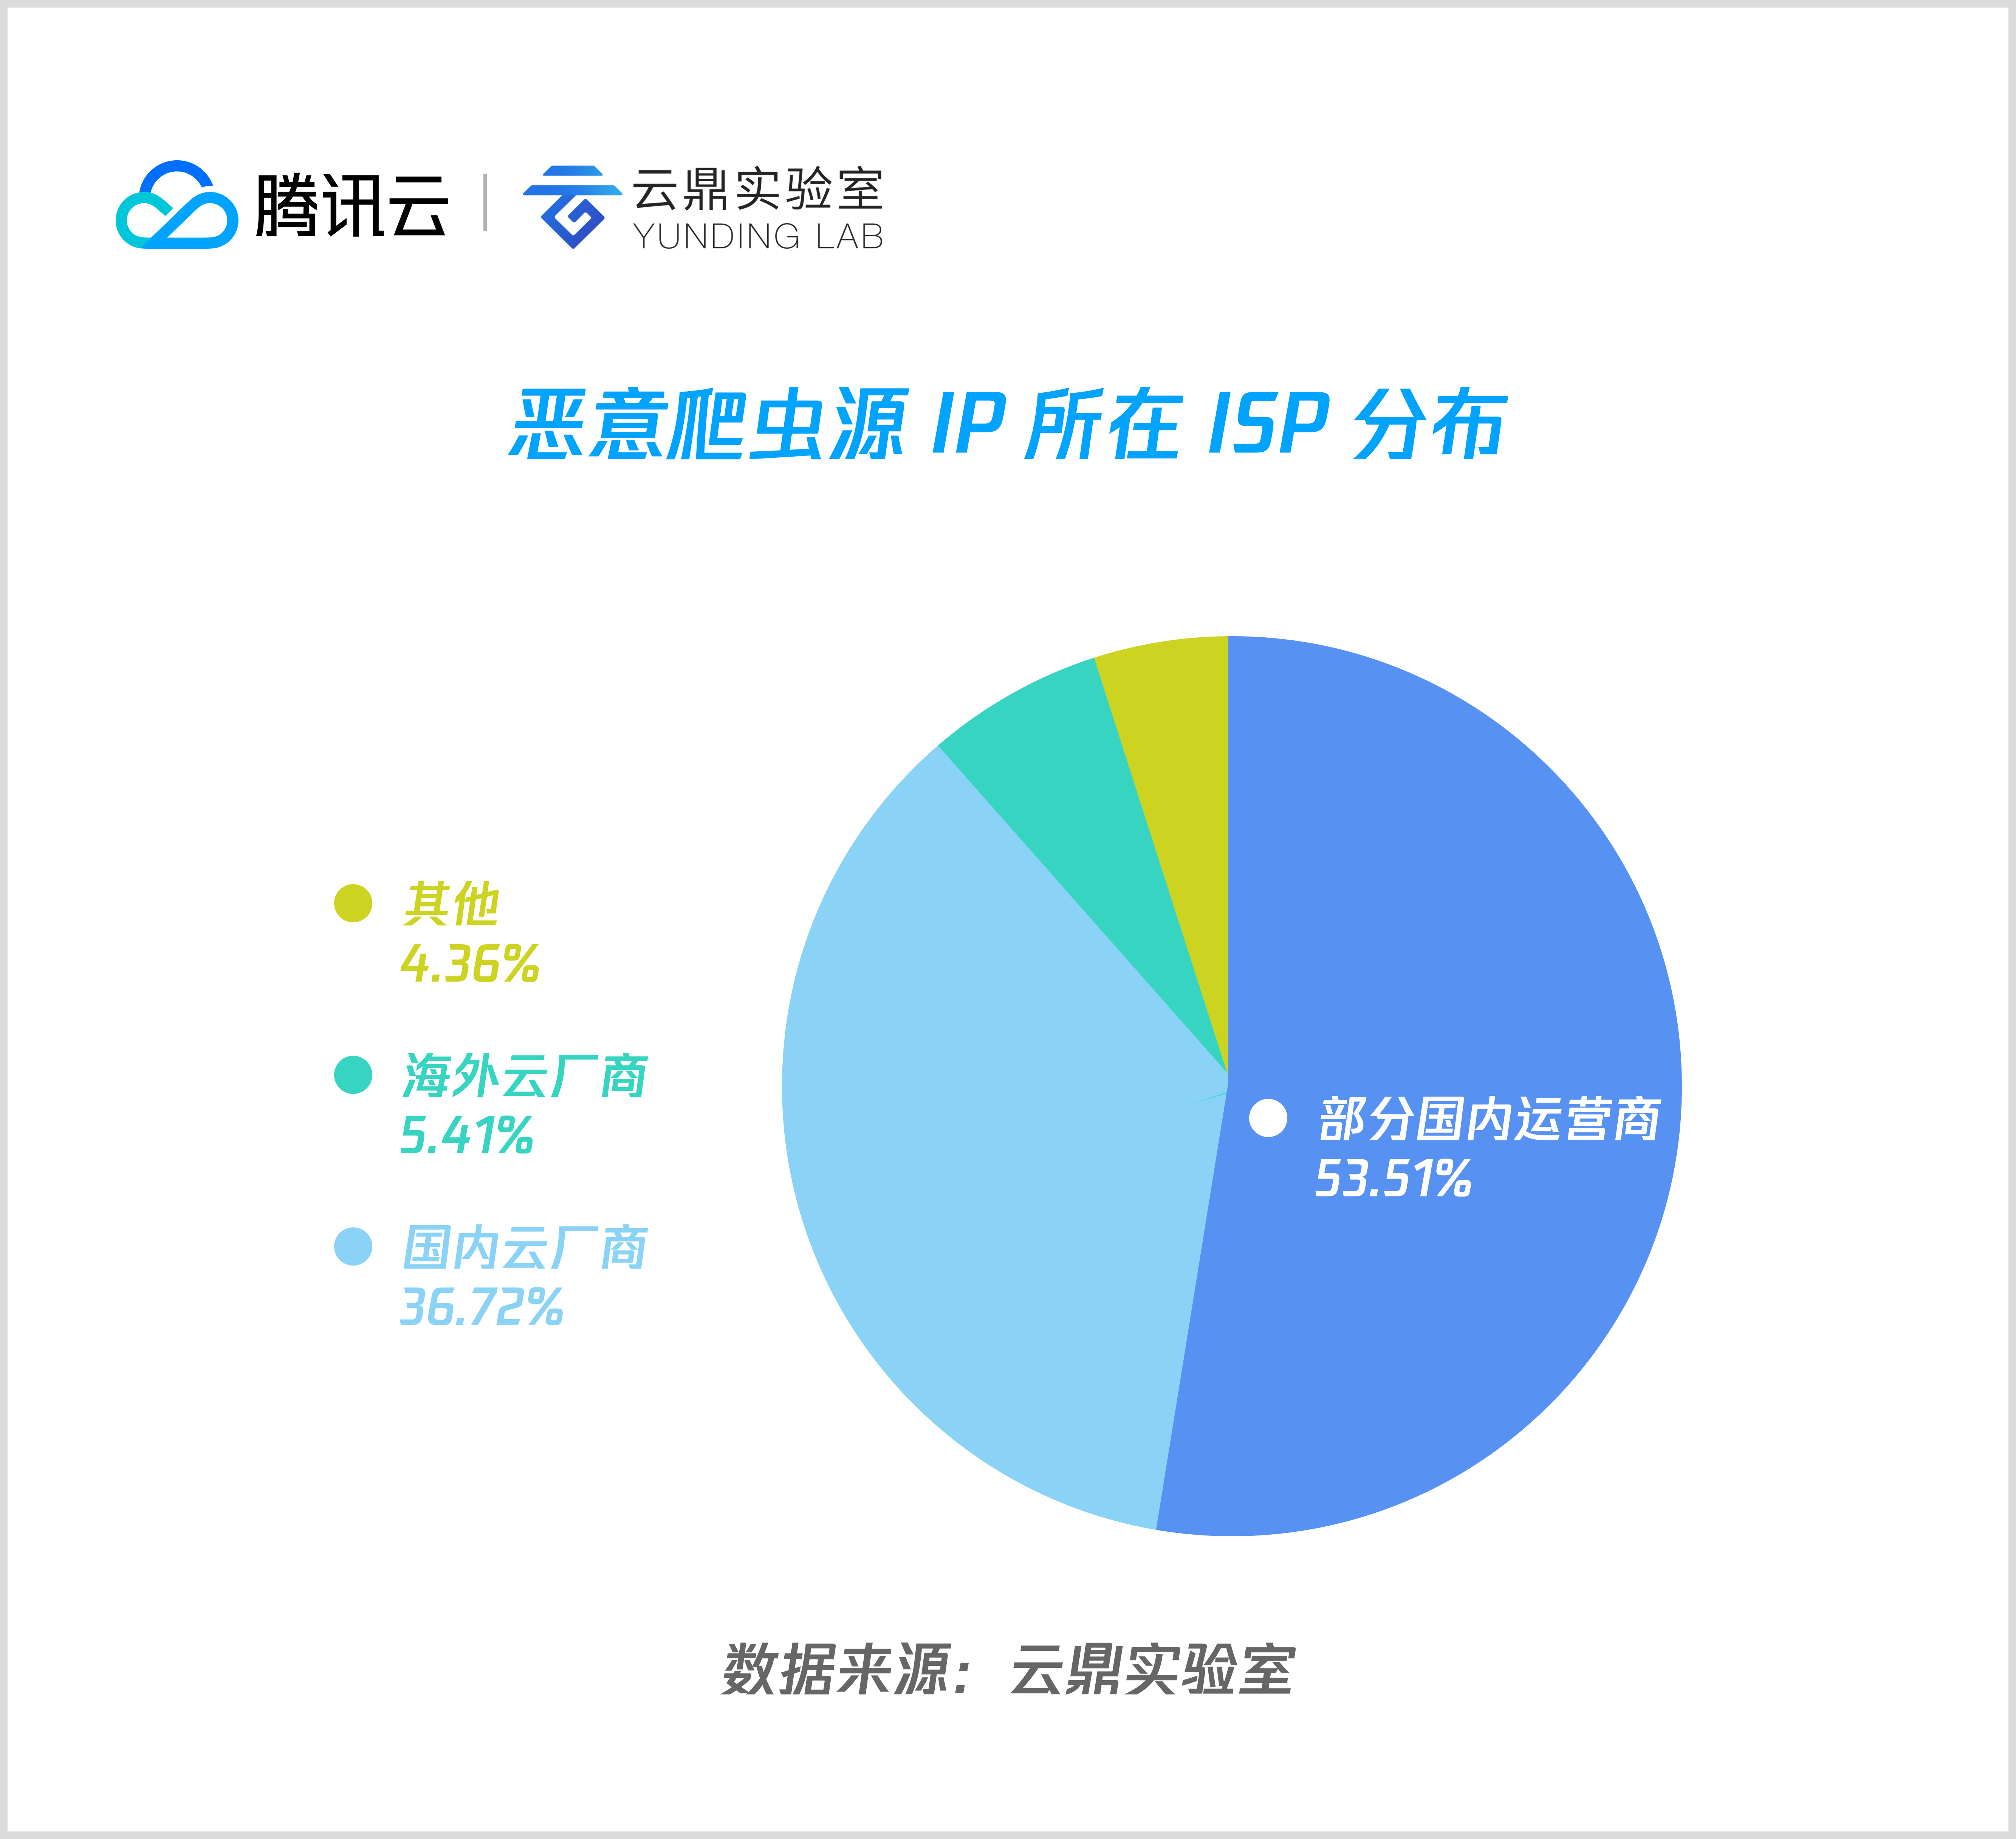 10 恶意爬虫流量源 IP 所在 ISP 分布.png